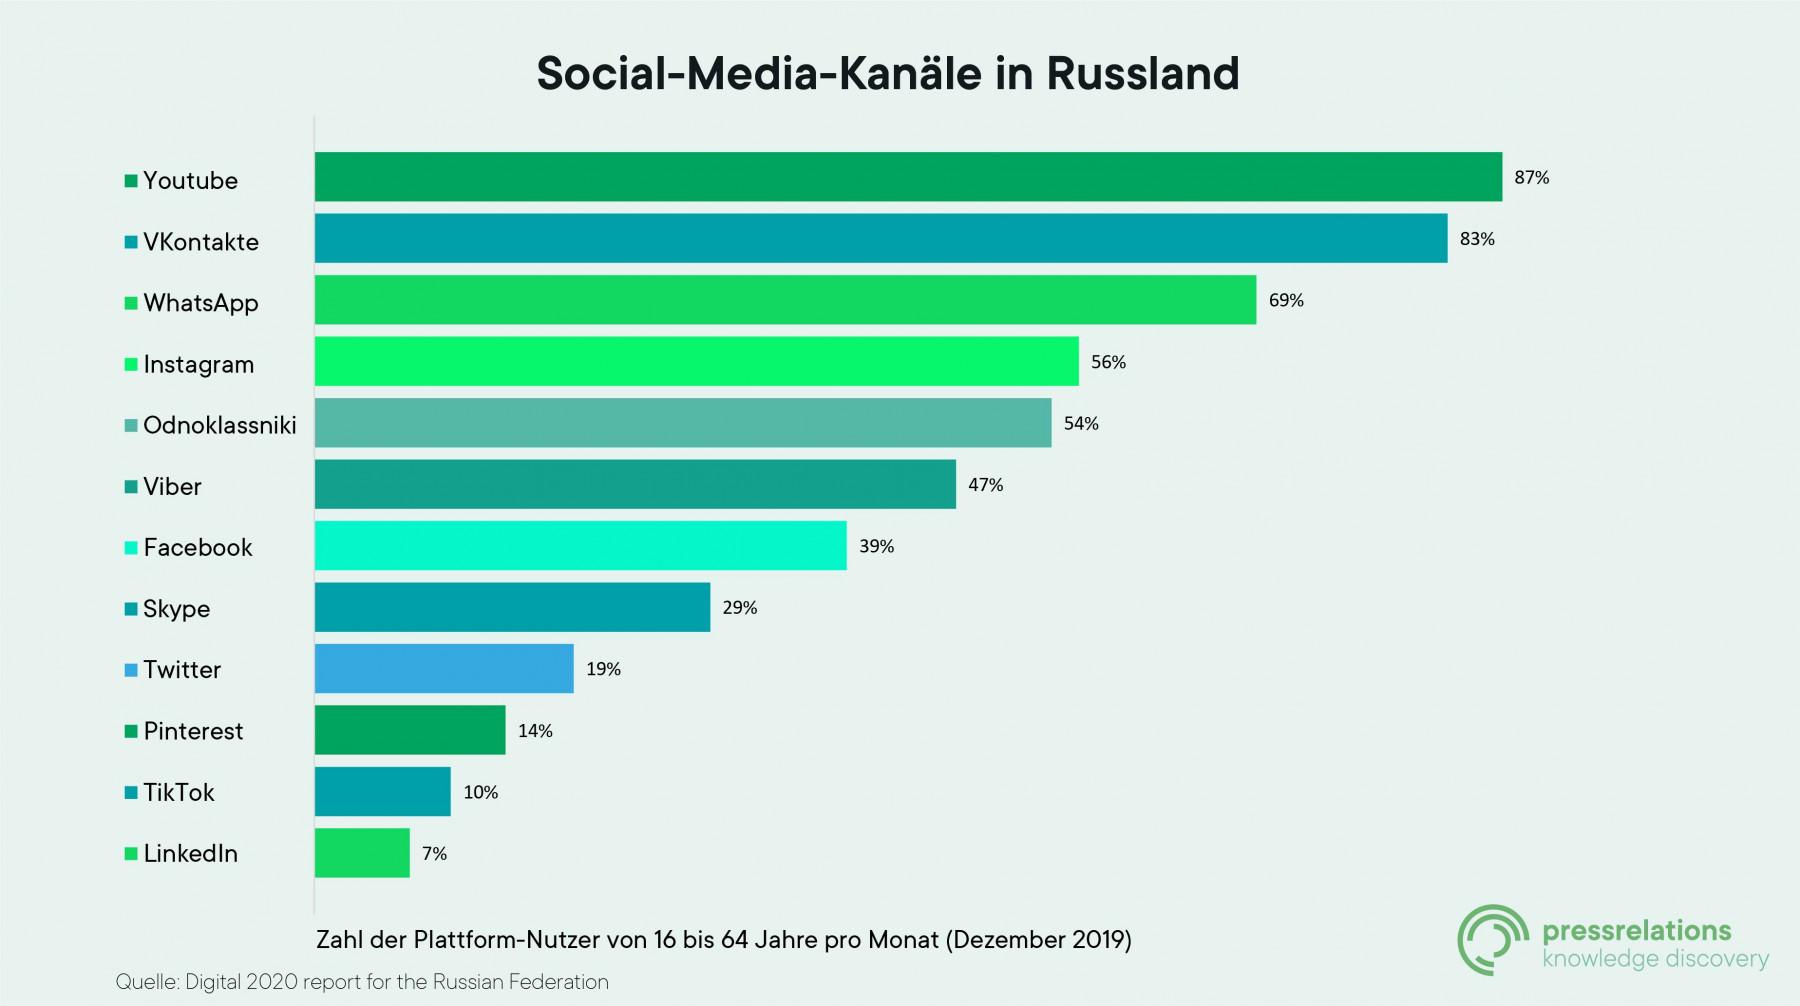 Social Media Kanäle in Russland